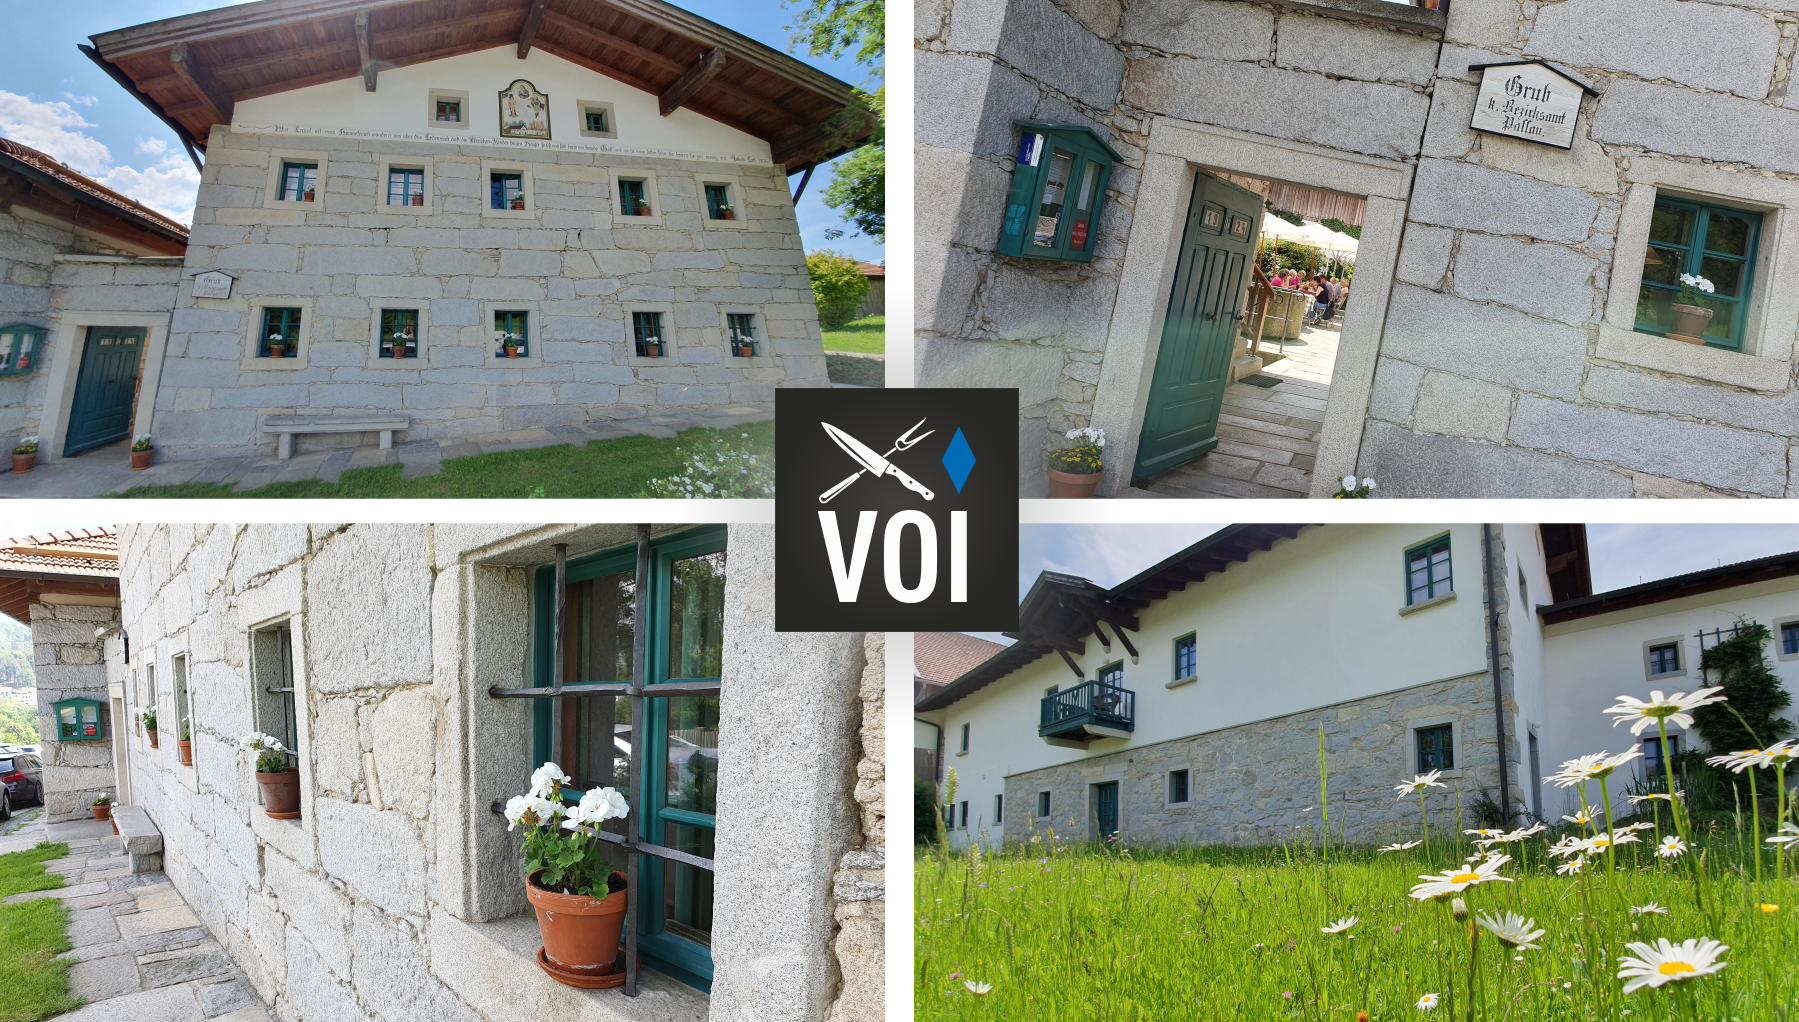 Ansichten des Gidibauerhof in Hauzenberg